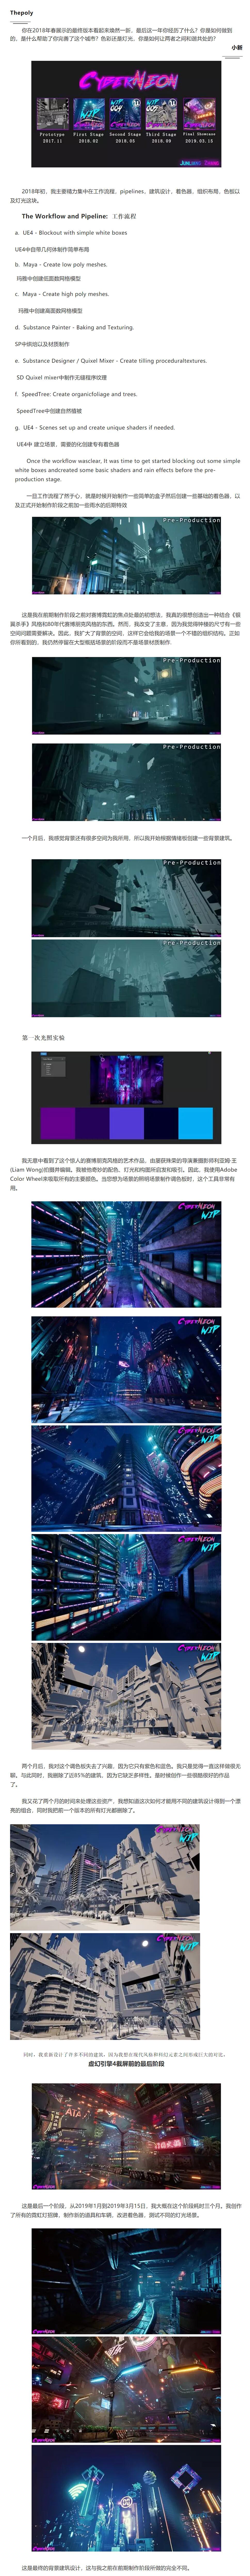 Junliang zhang 2